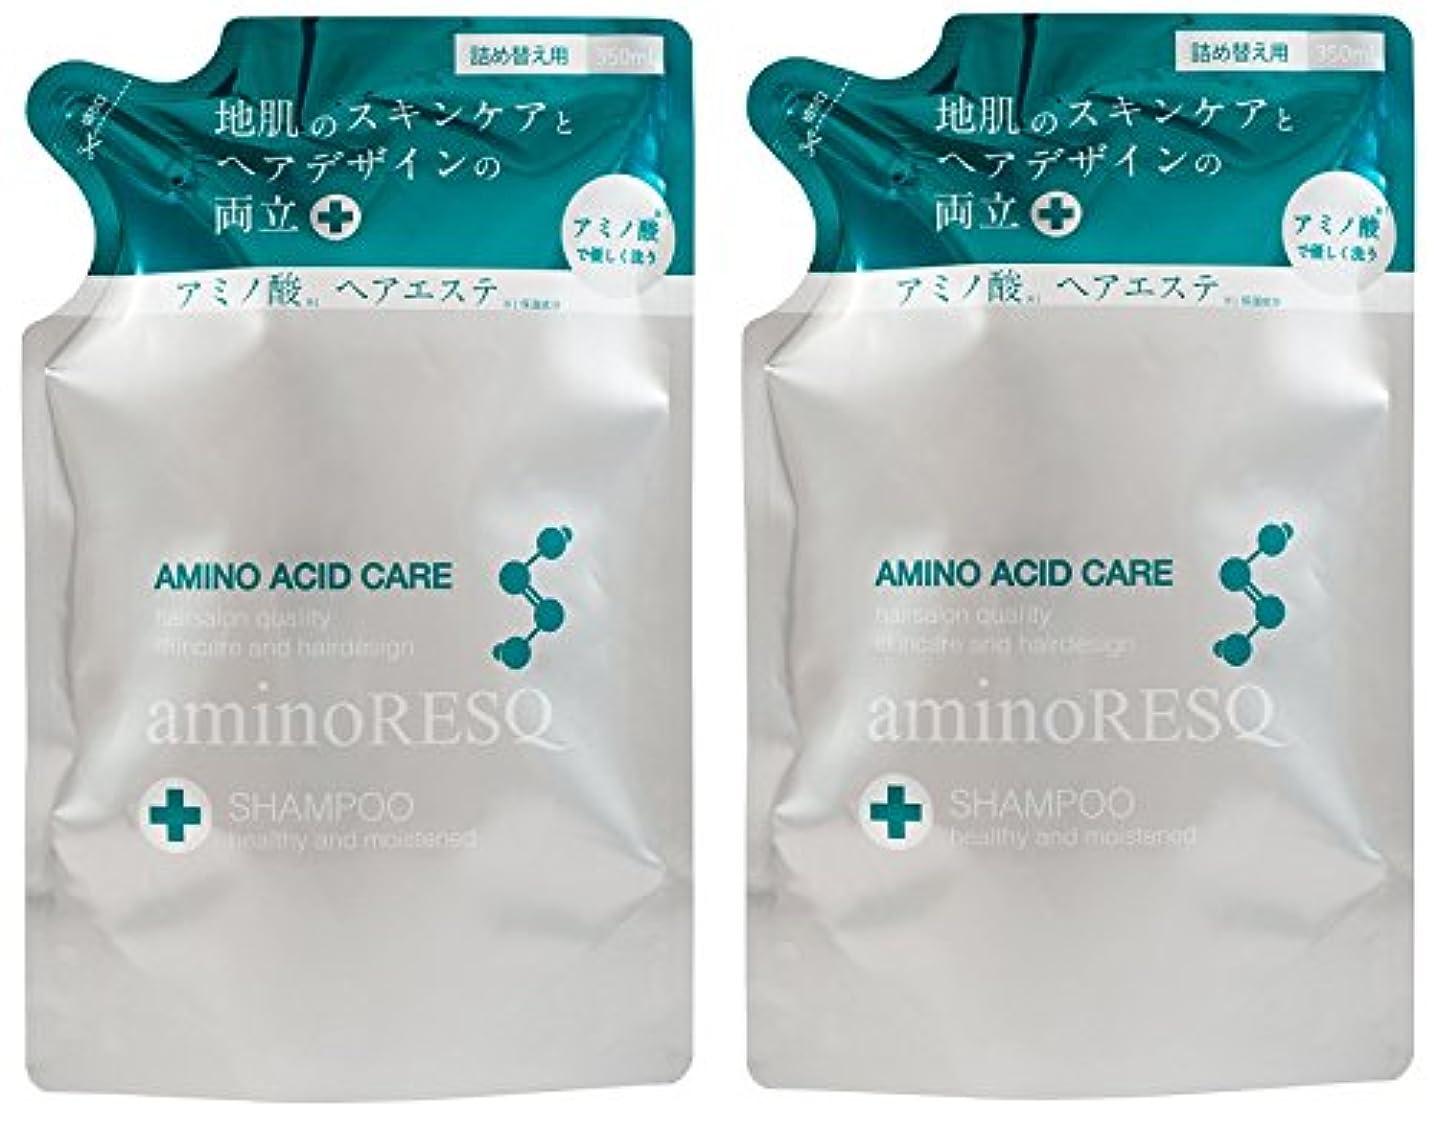 電気の湿地和【2個セット】aminoRESQ アミノレスキュー シャンプー詰替